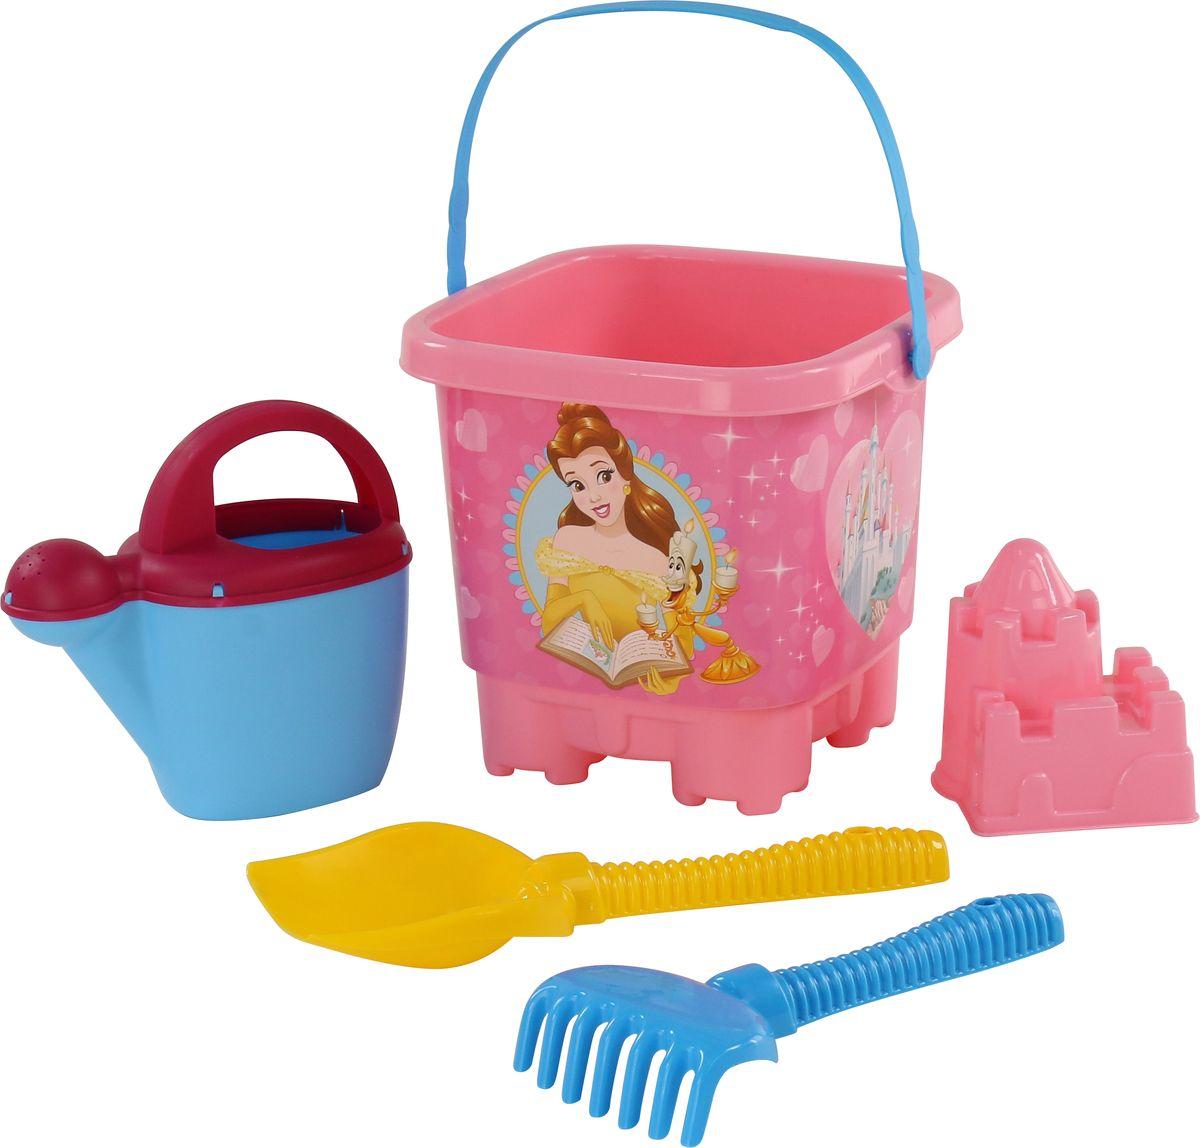 Disney Набор игрушек для песочницы Принцесса №16 disney набор игрушек для песочницы принцесса 13 5 предметов